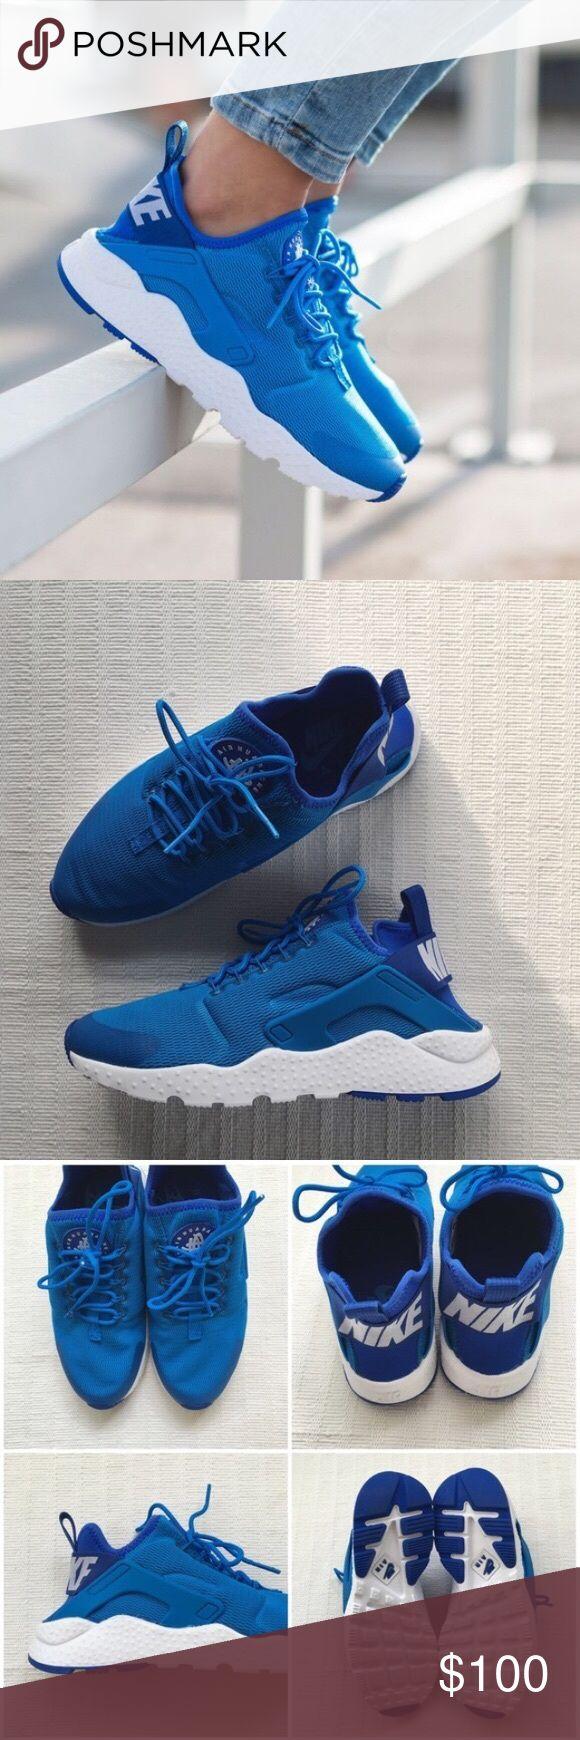 Nike Air Huarache Womens Blue